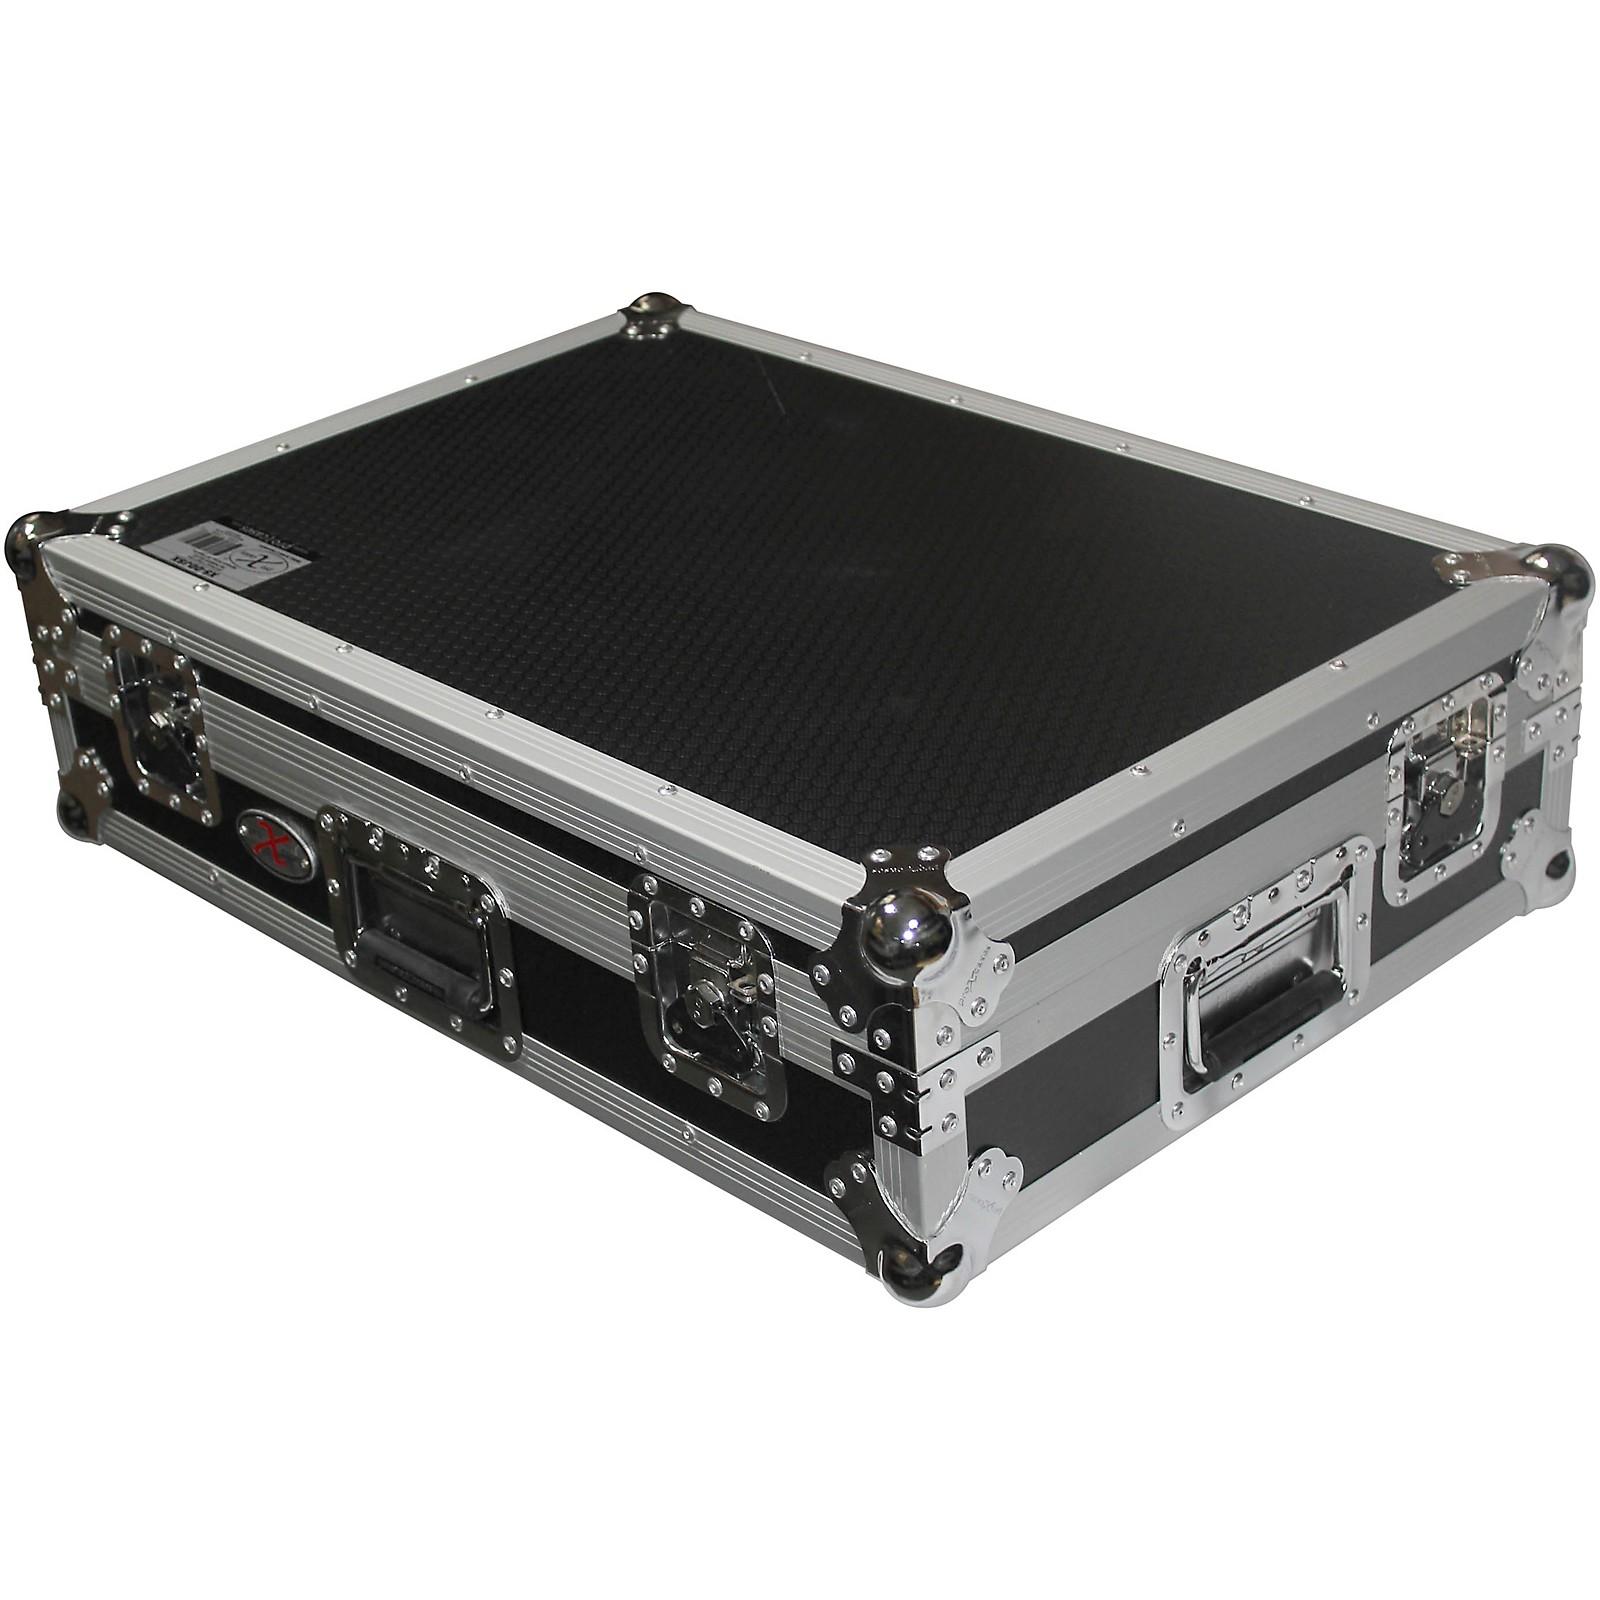 ProX XS-DDJSX ATA Style Flight Road Case for Pioneer DDJ-SX and DDJ-SX2 DJ Controllers